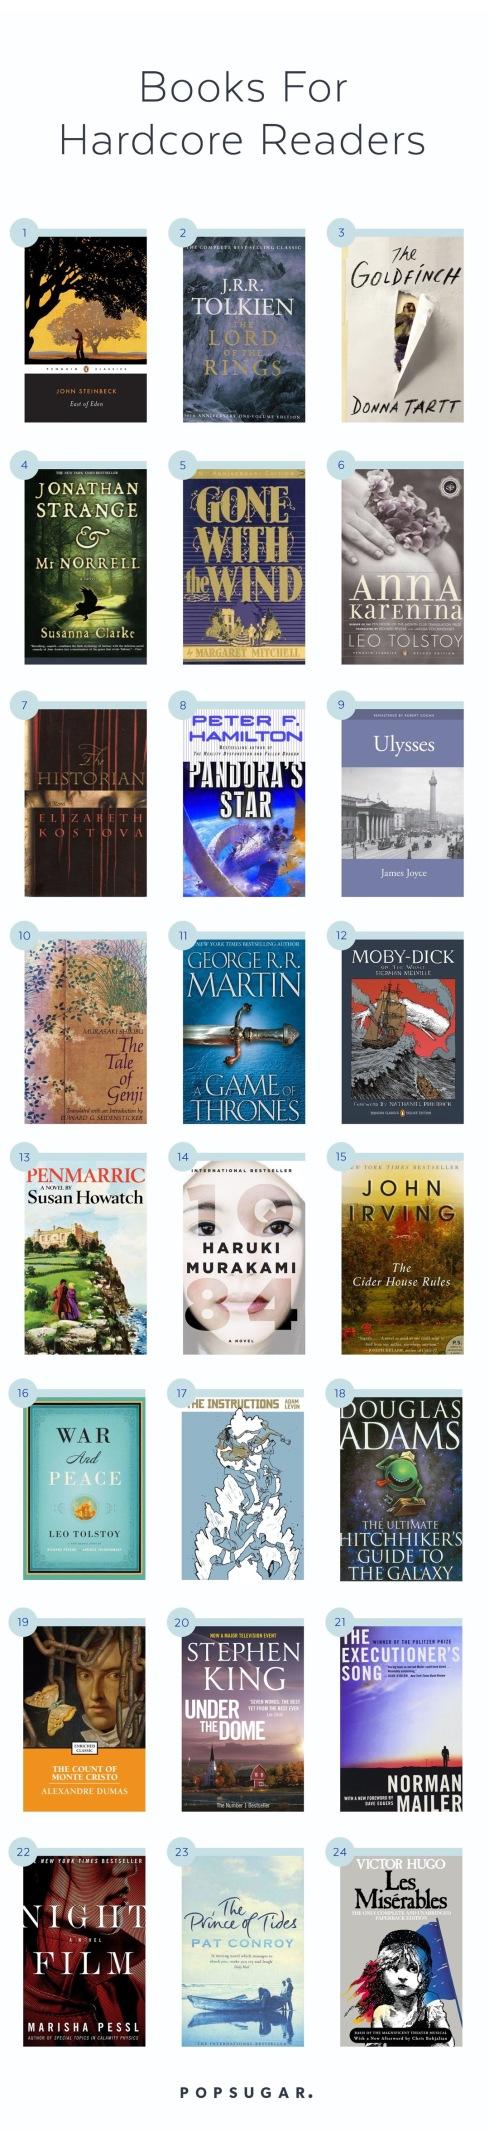 Books-for-the-hardcore-reader-full-infographic